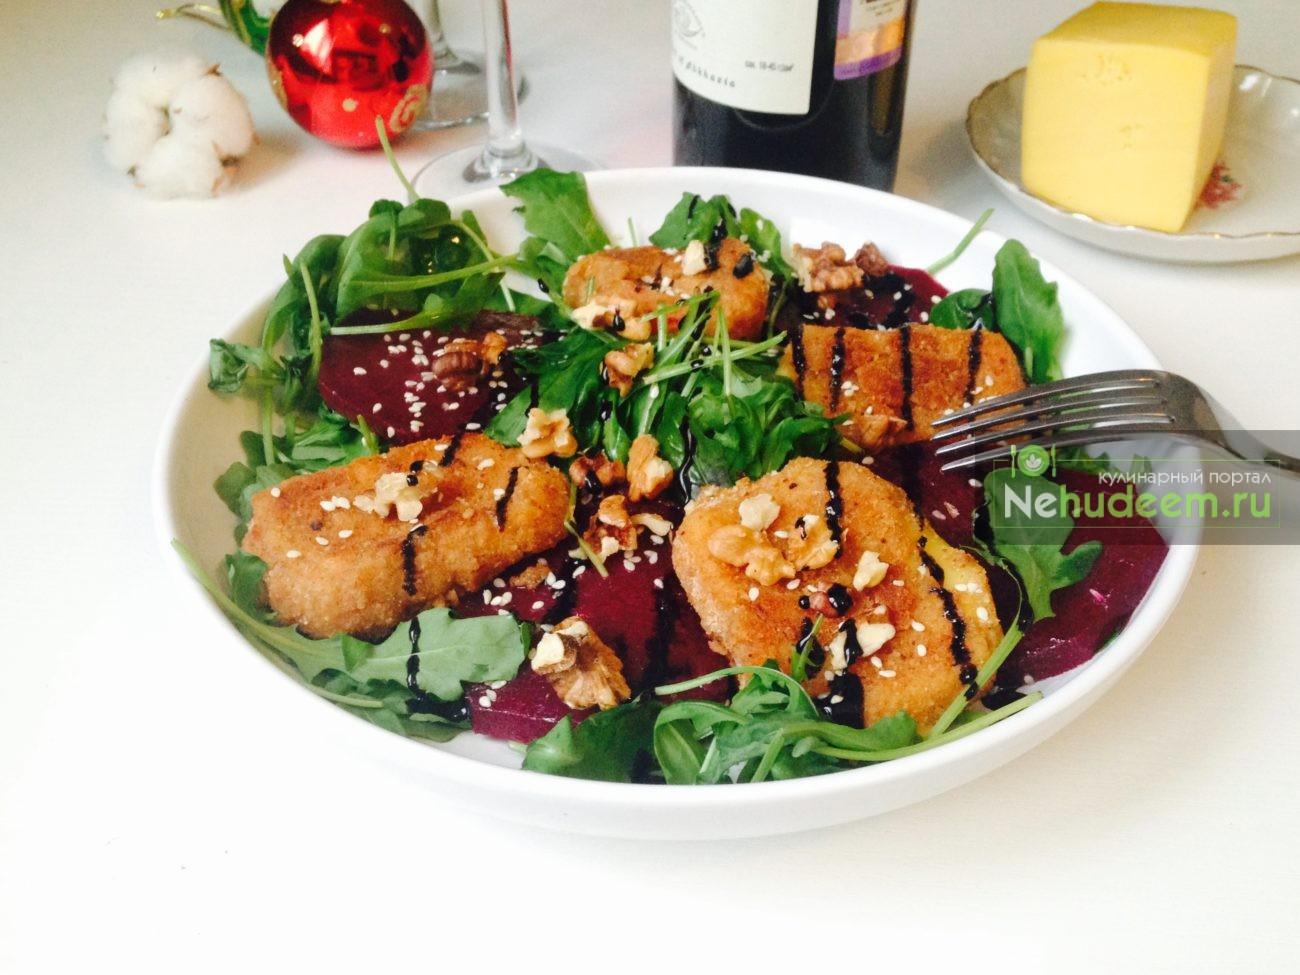 Салат с свеклой, рукколой и сыром в панировке